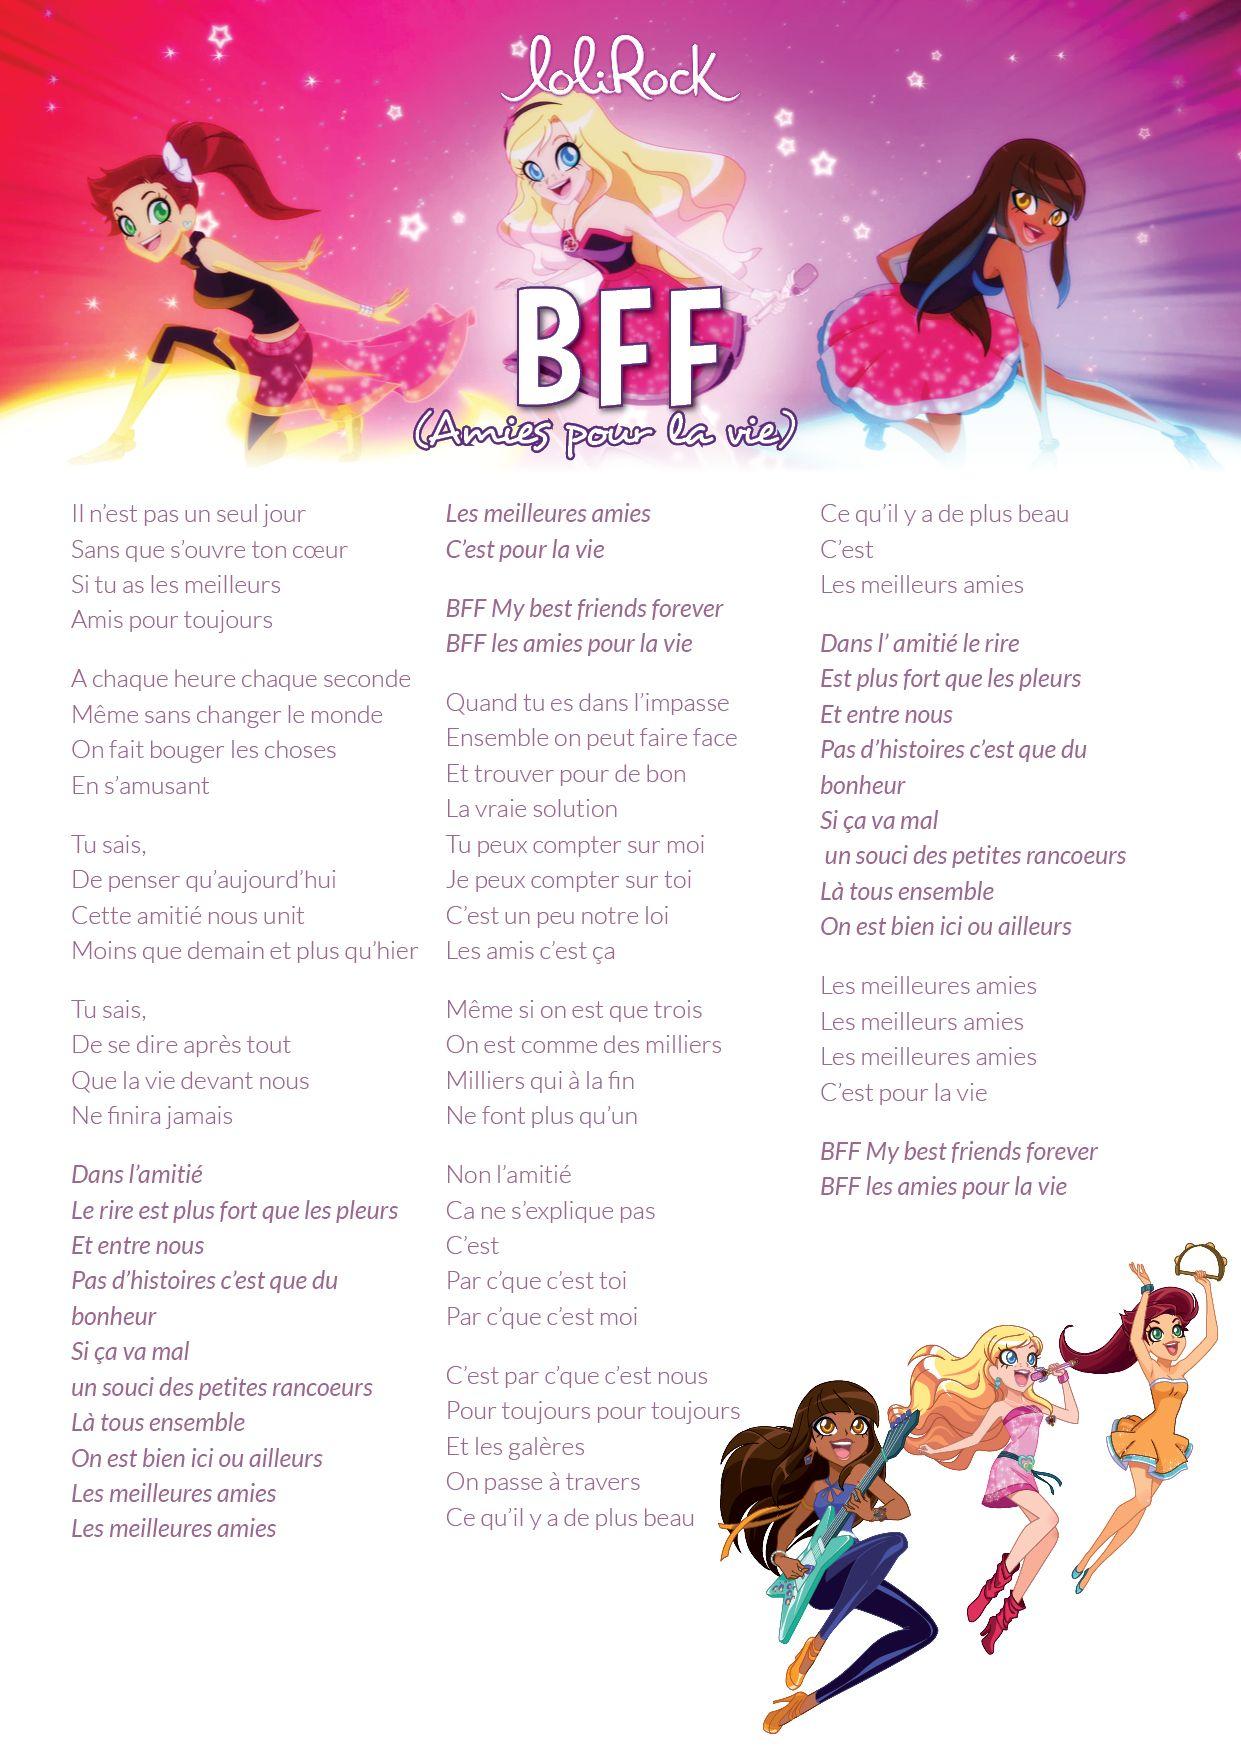 pour essayer de faire une chanson lyrics Il suffit d'essayer : chanson de karaoke avec parole (karaoke, lyrics, sous-titres) la chanson des 46 comment faire une vidéo avec les paroles pour.